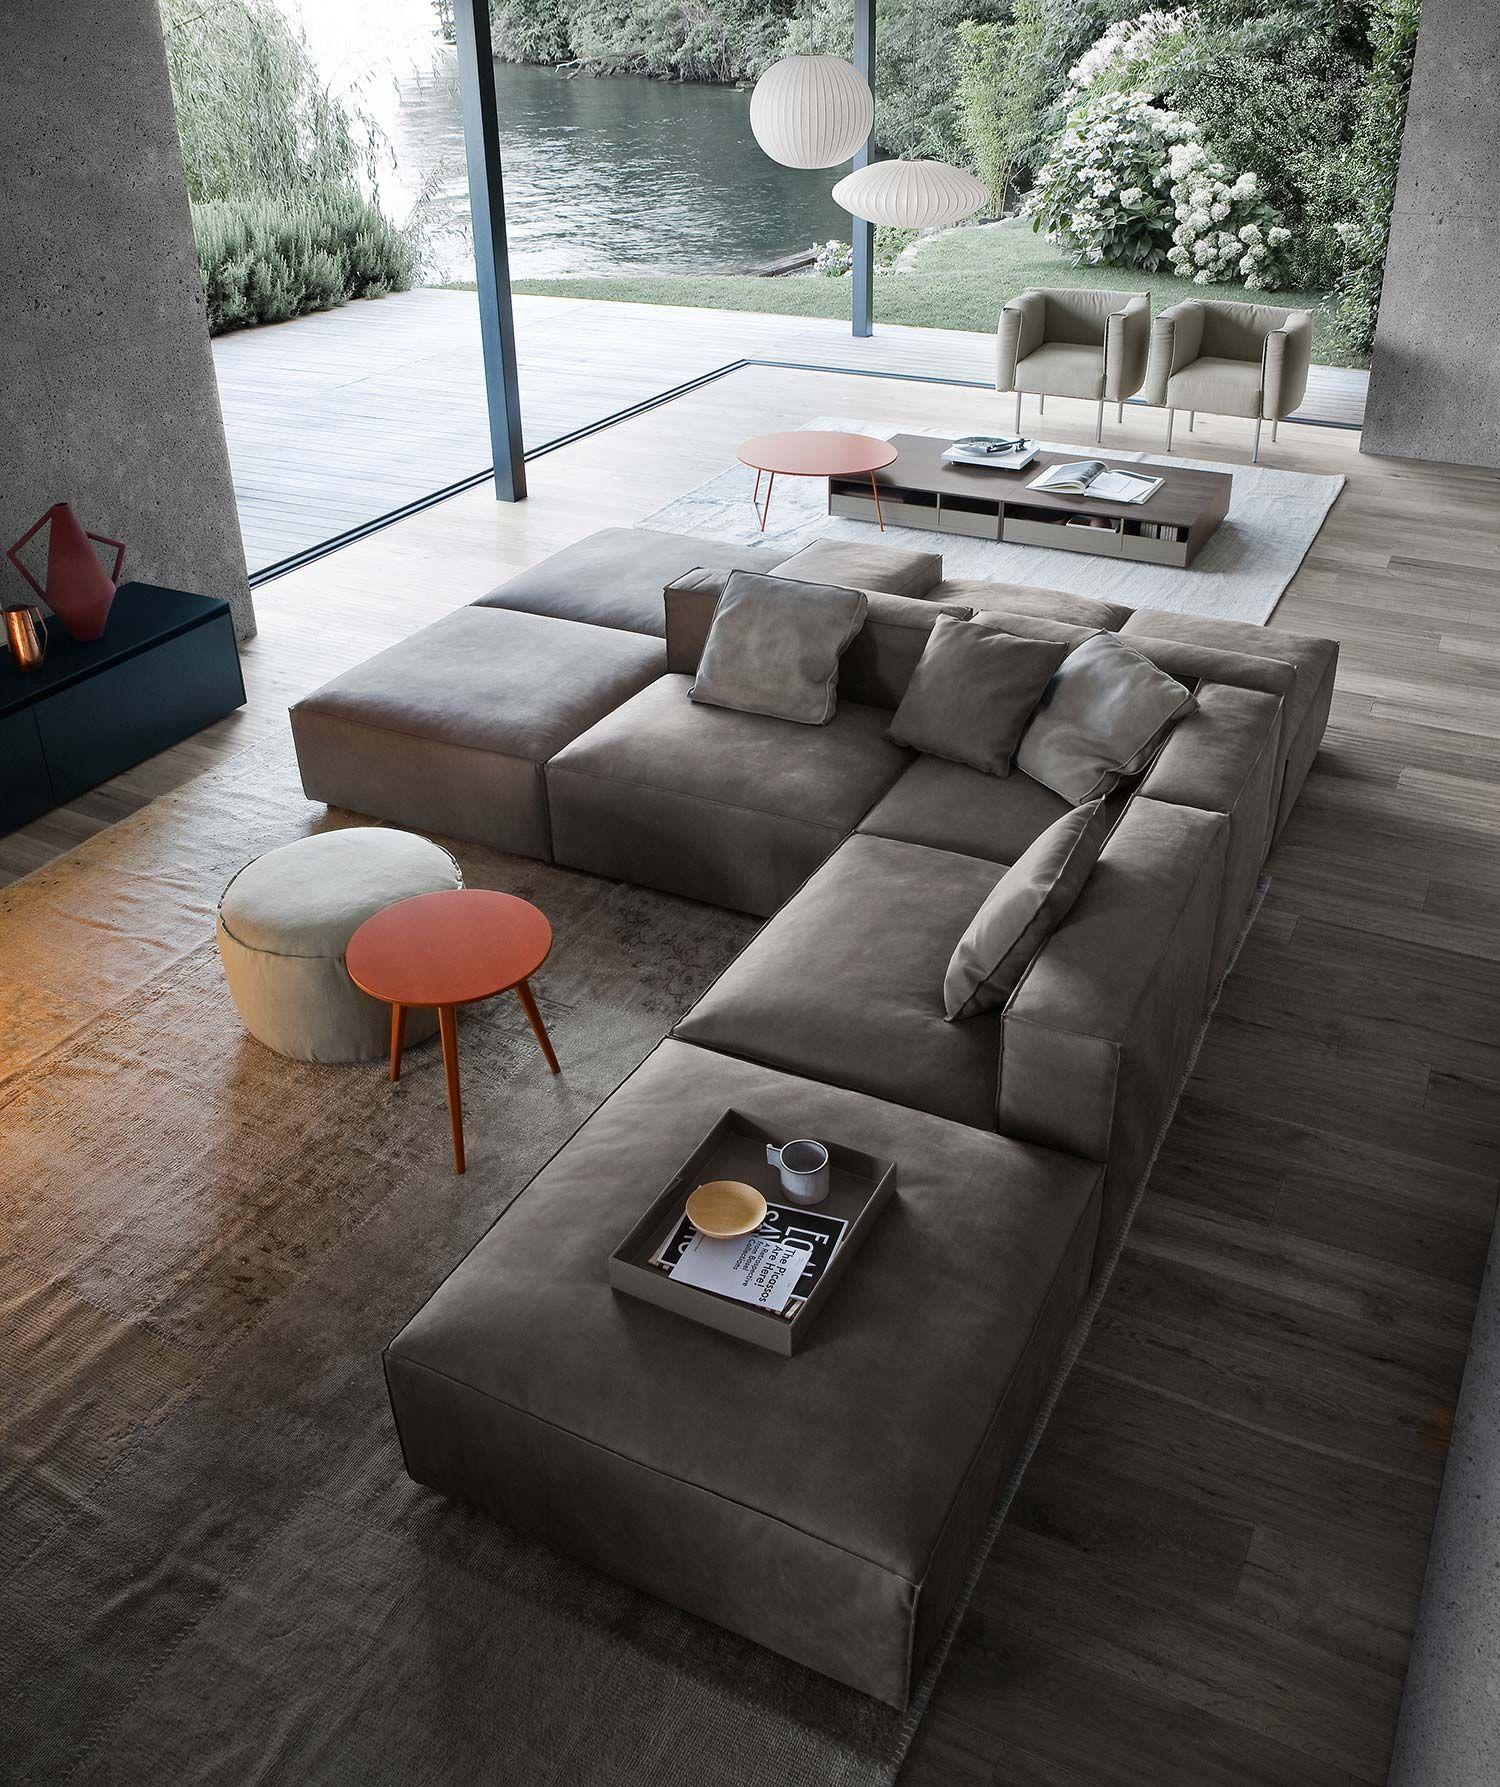 wohnzimmer sofa bilder